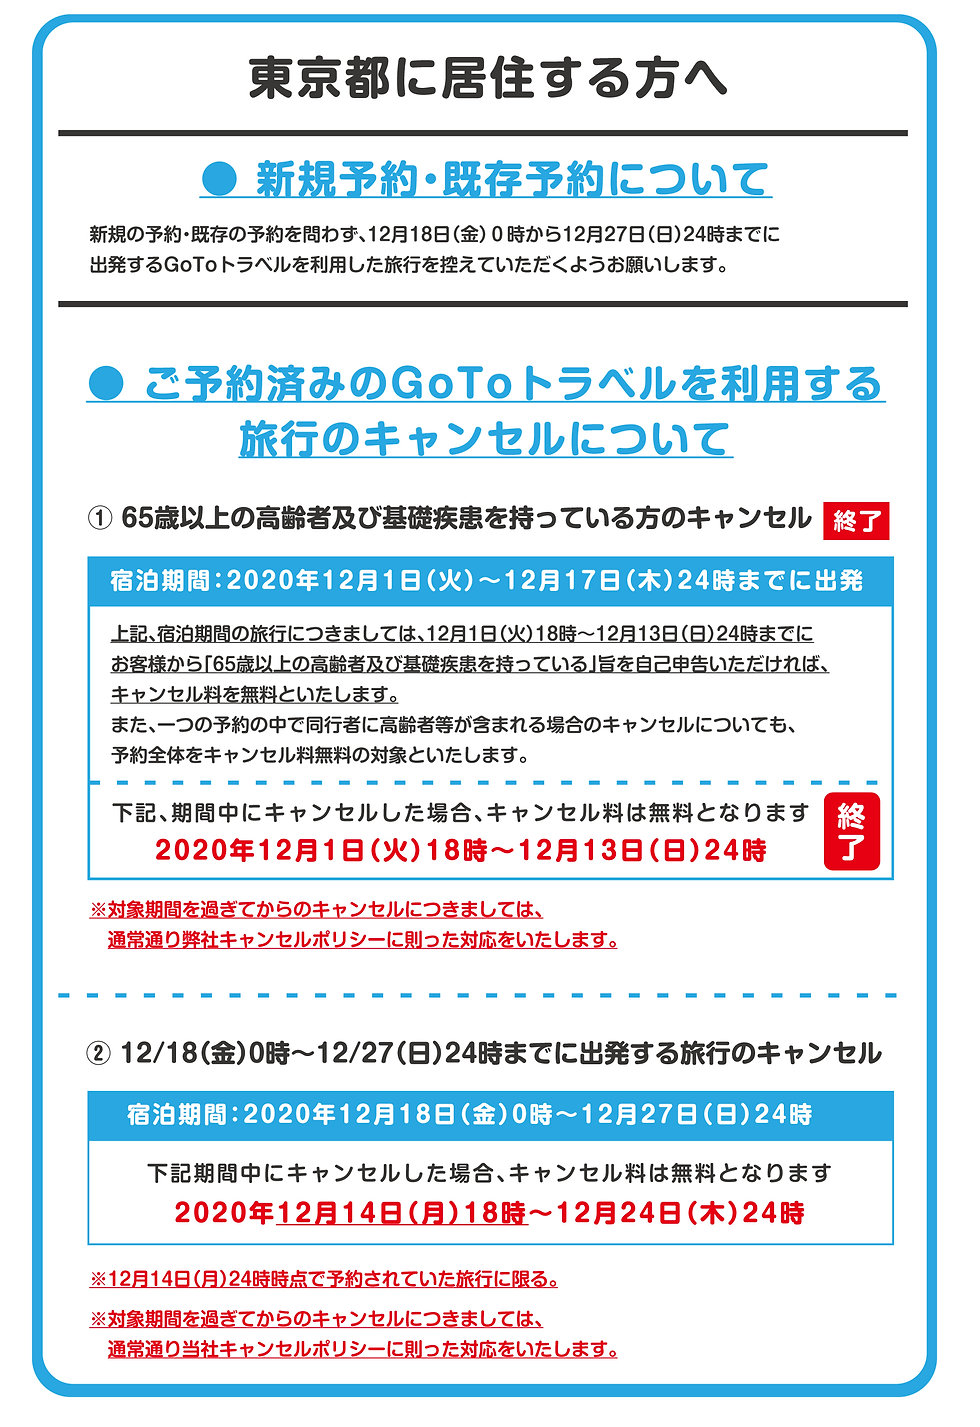 一時適用停止キャンセルについて 東京都1224.jpg